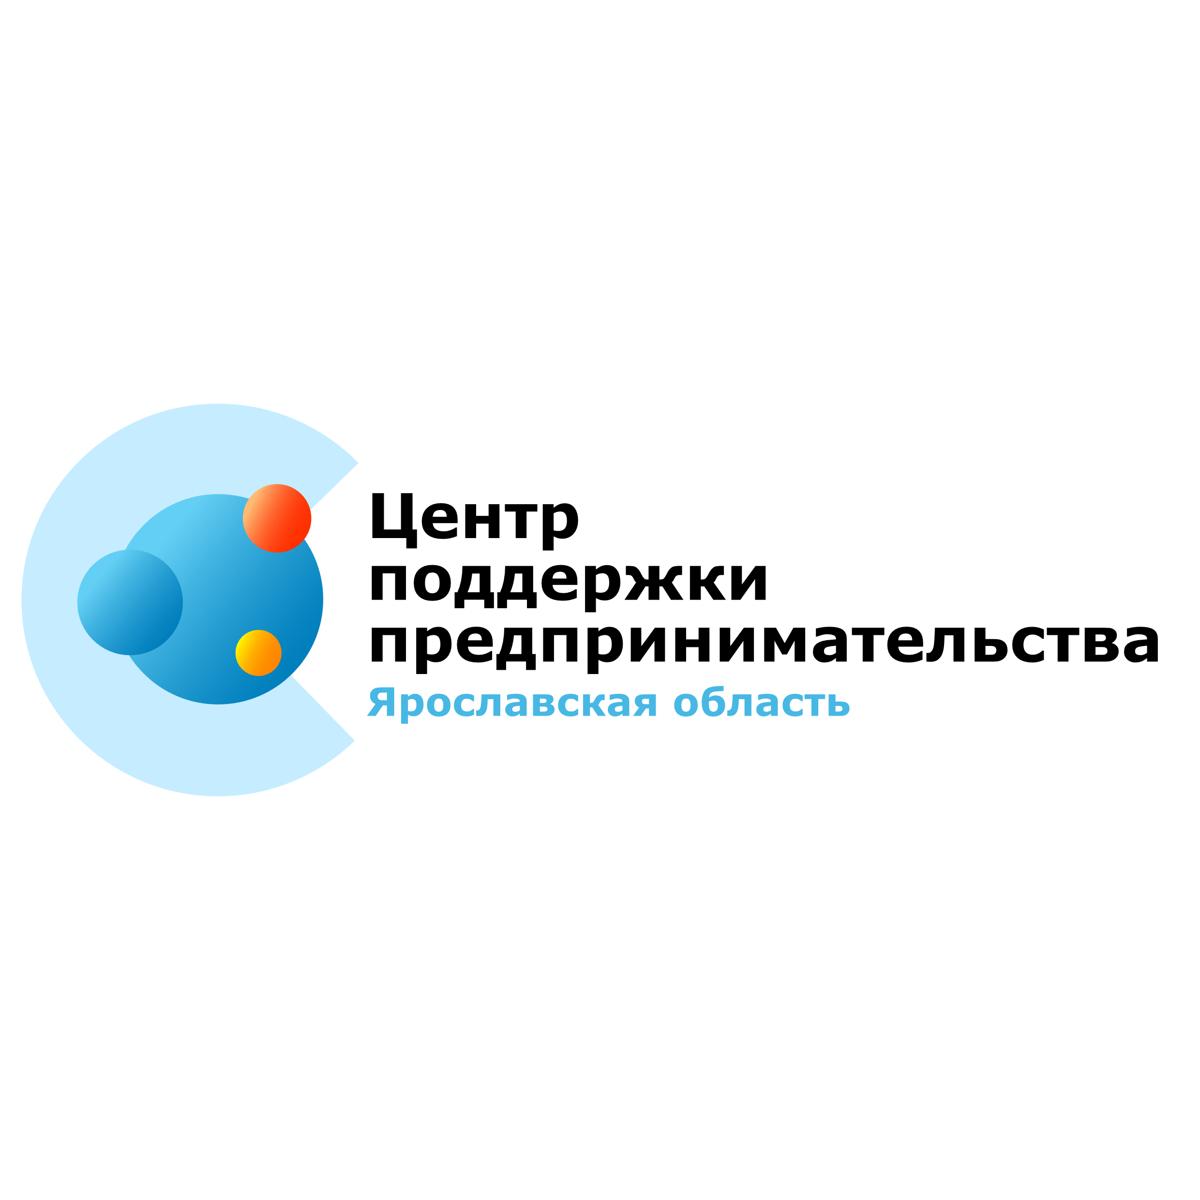 Предприниматели региона могут получить бесплатные консультации по вопросам ведения бизнеса